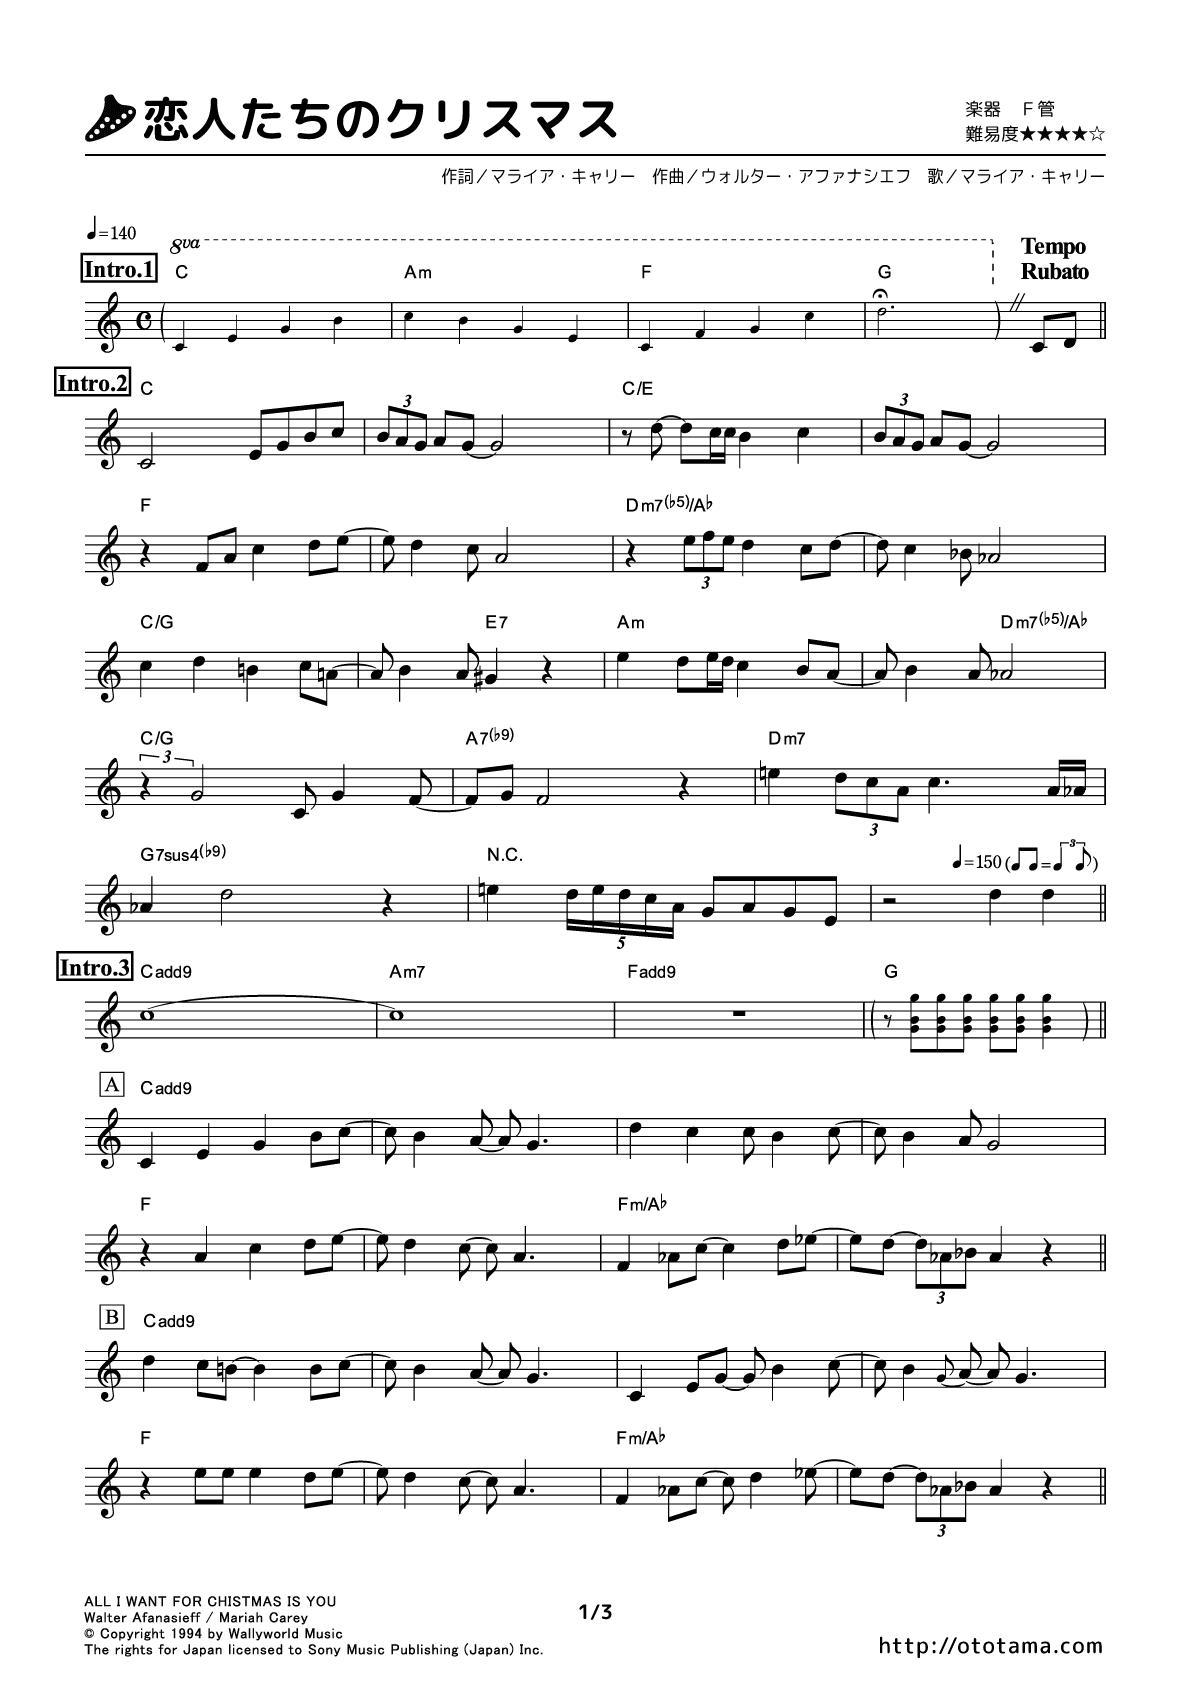 クリスマス 楽譜